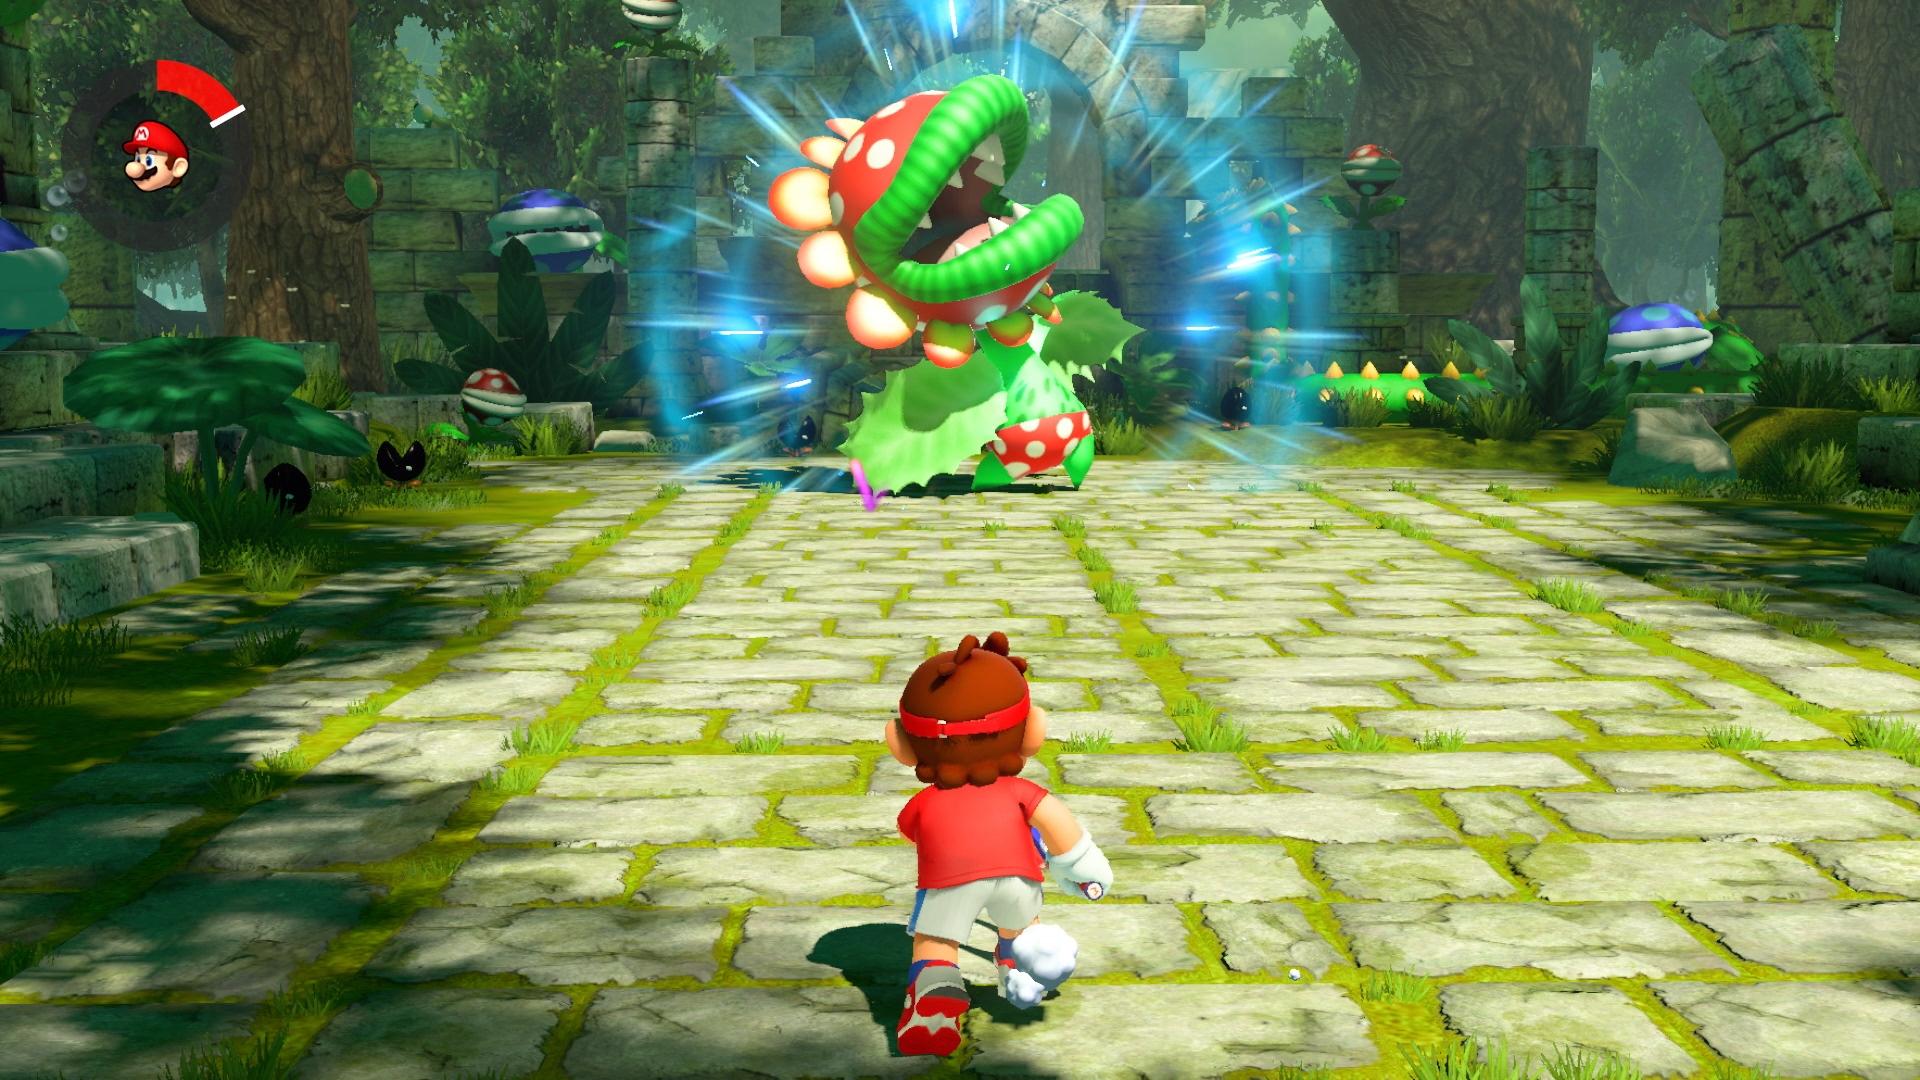 Mario-Tennis-Aces-Screen-5.jpg